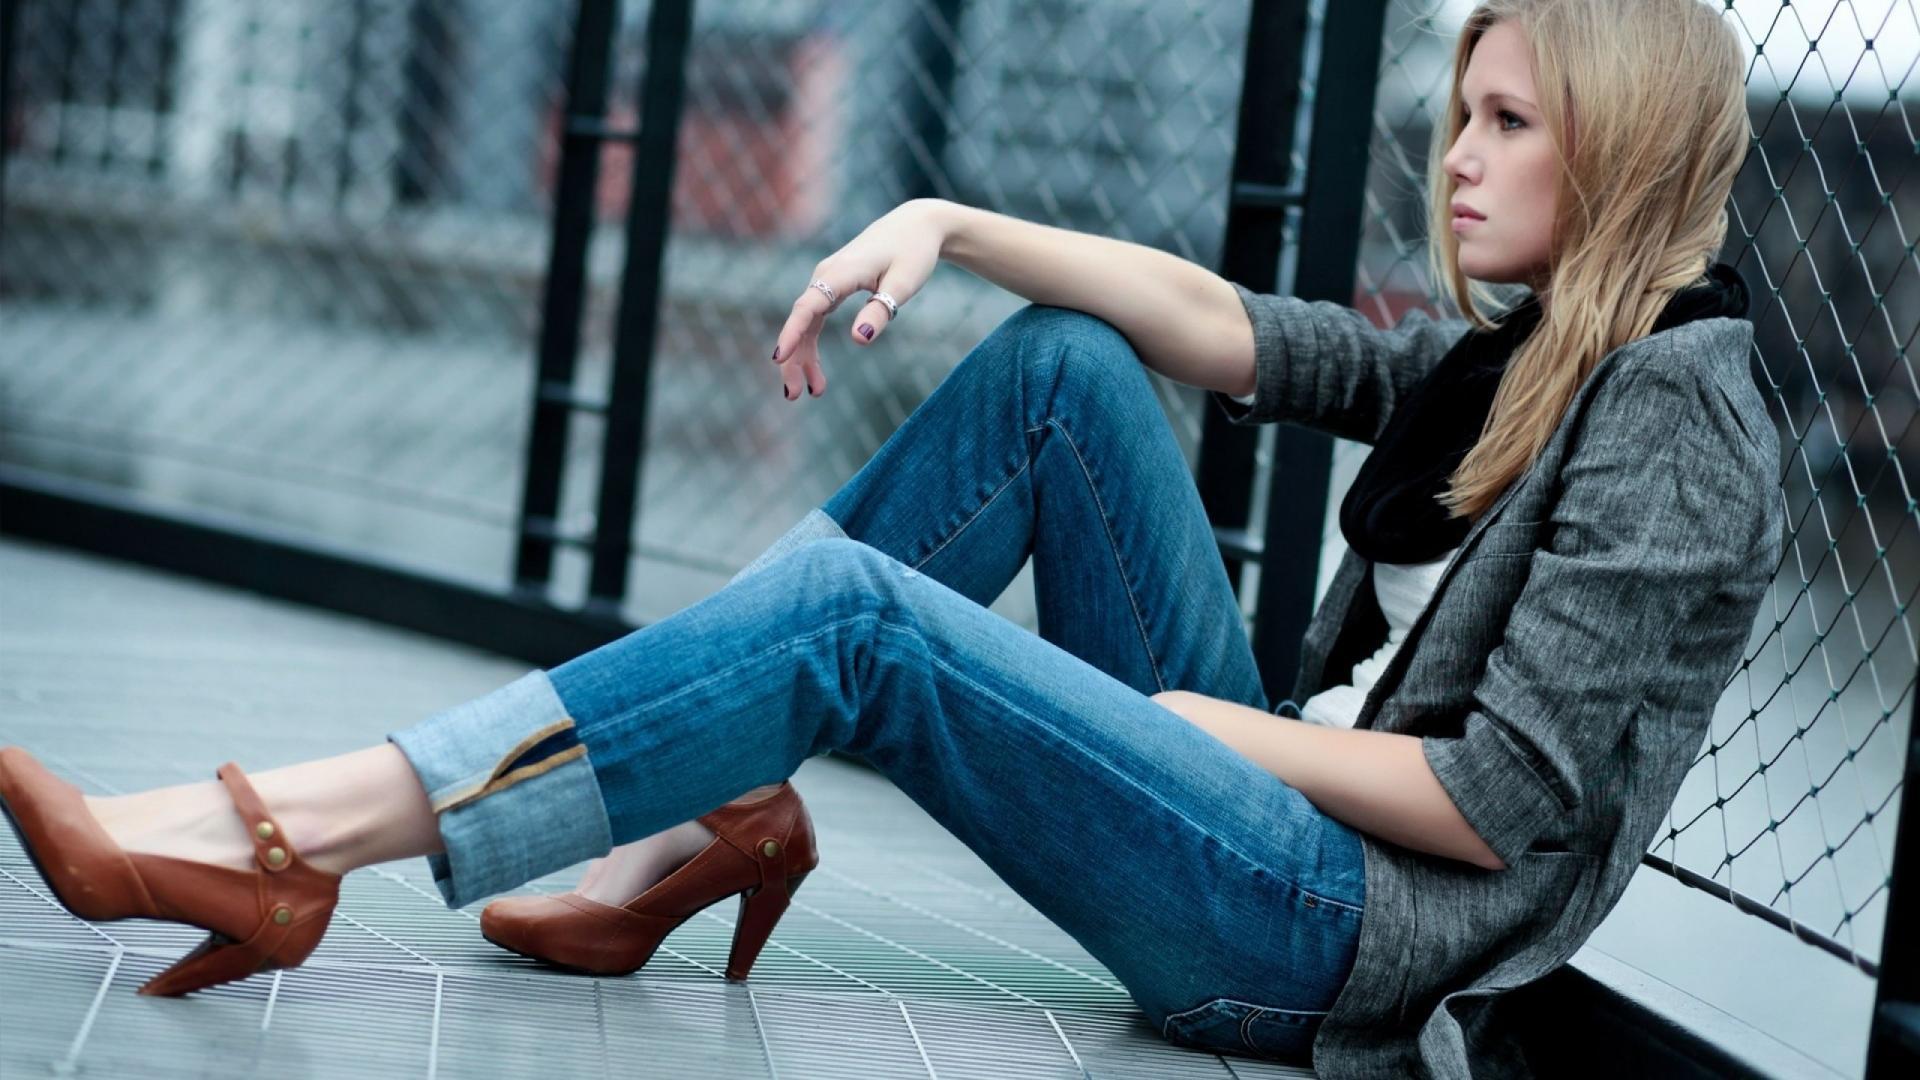 Fashion d p s 94